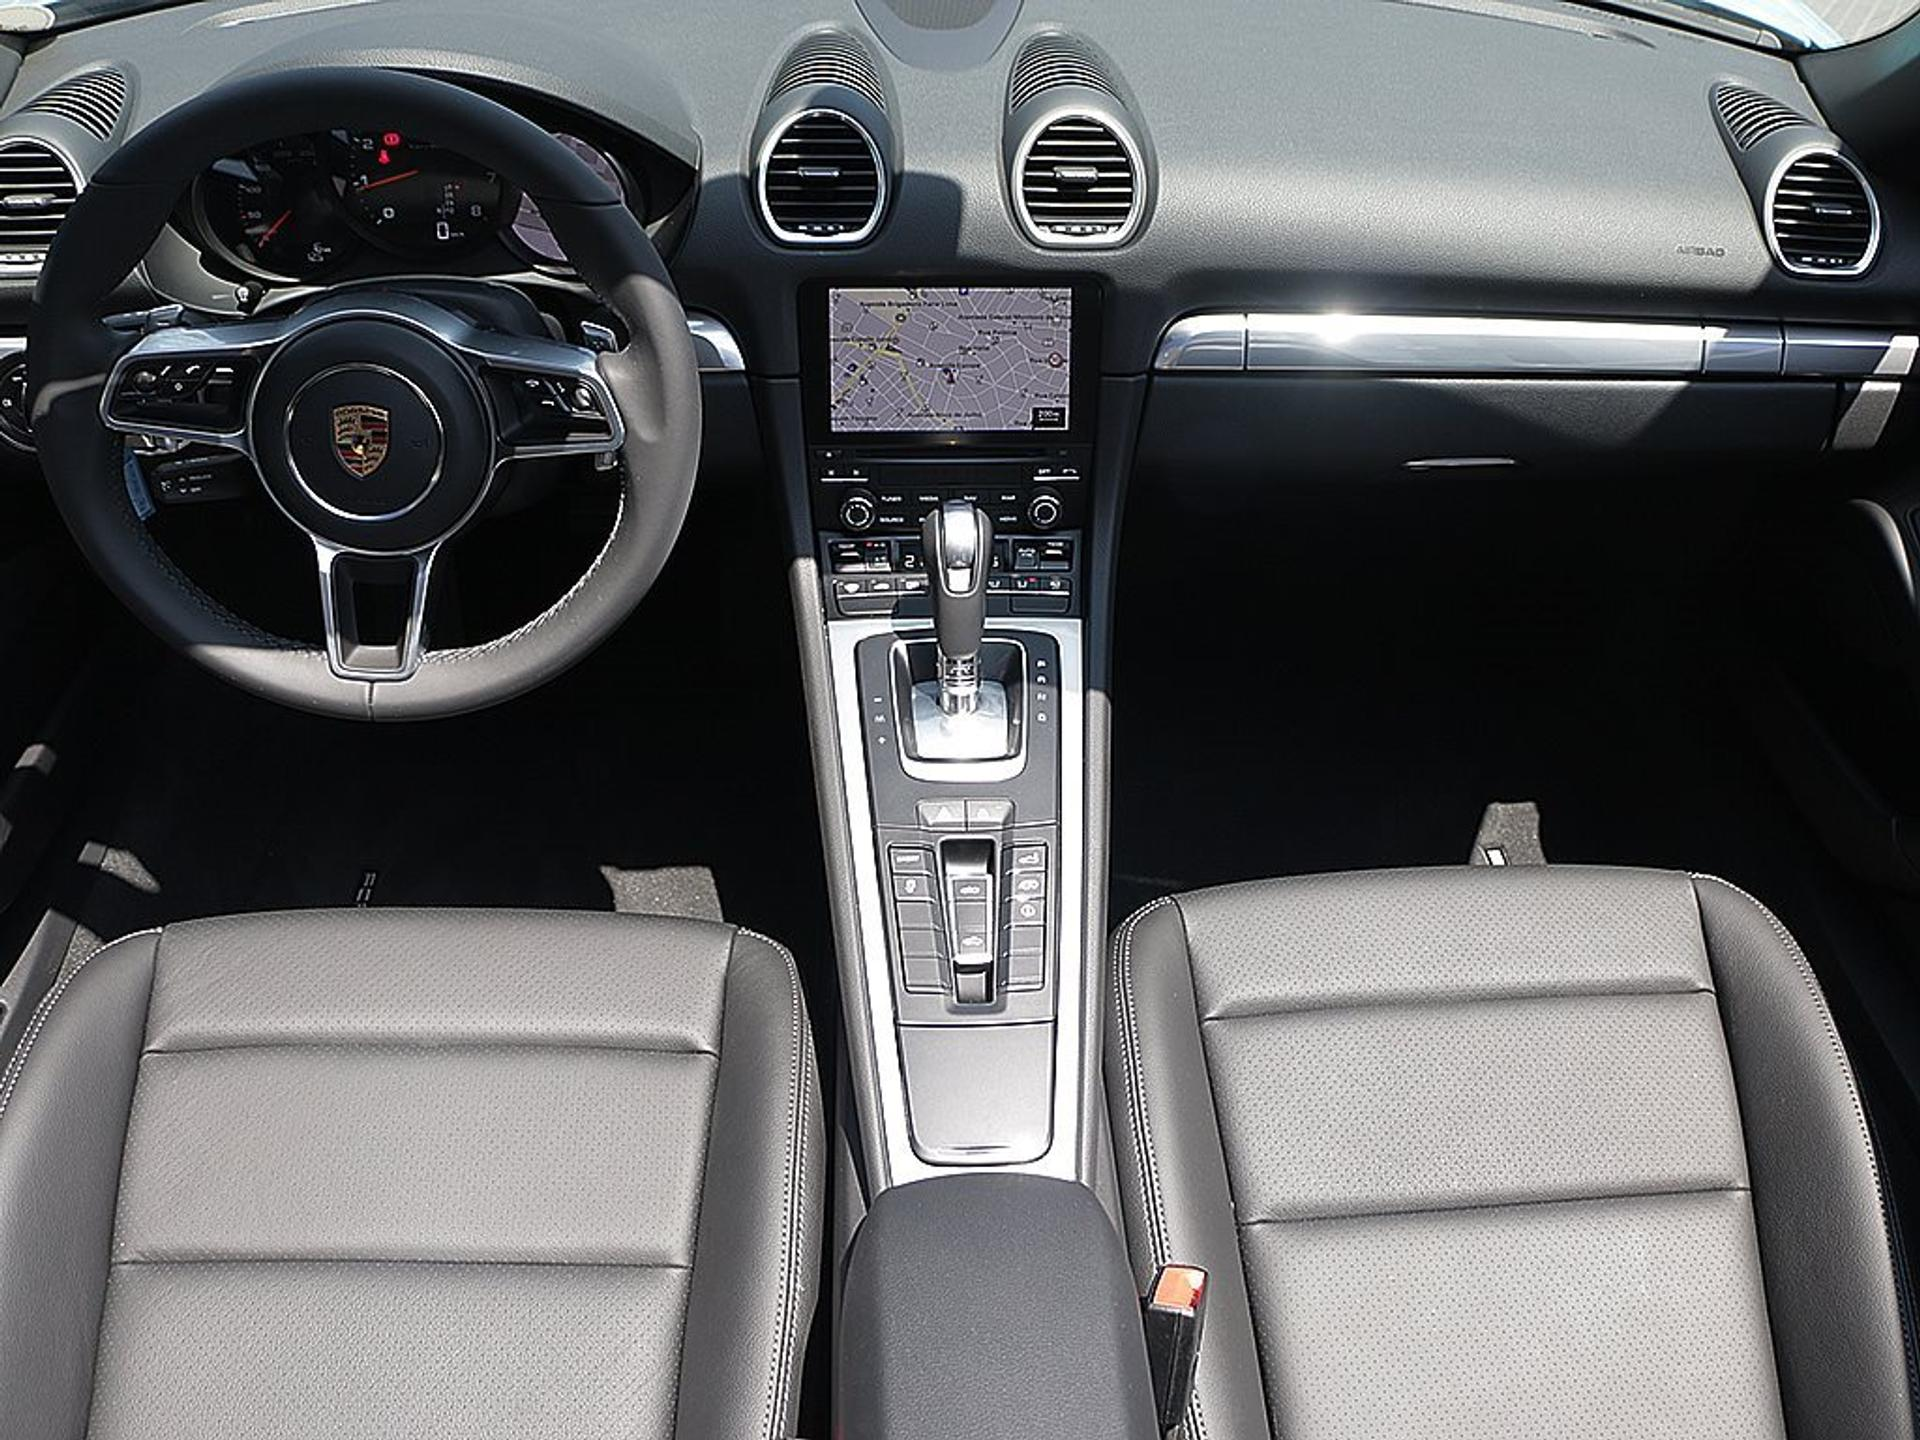 Porsche 718 2.0 16v H4 Gasolina Boxster Pdk Wmimagem13300358684